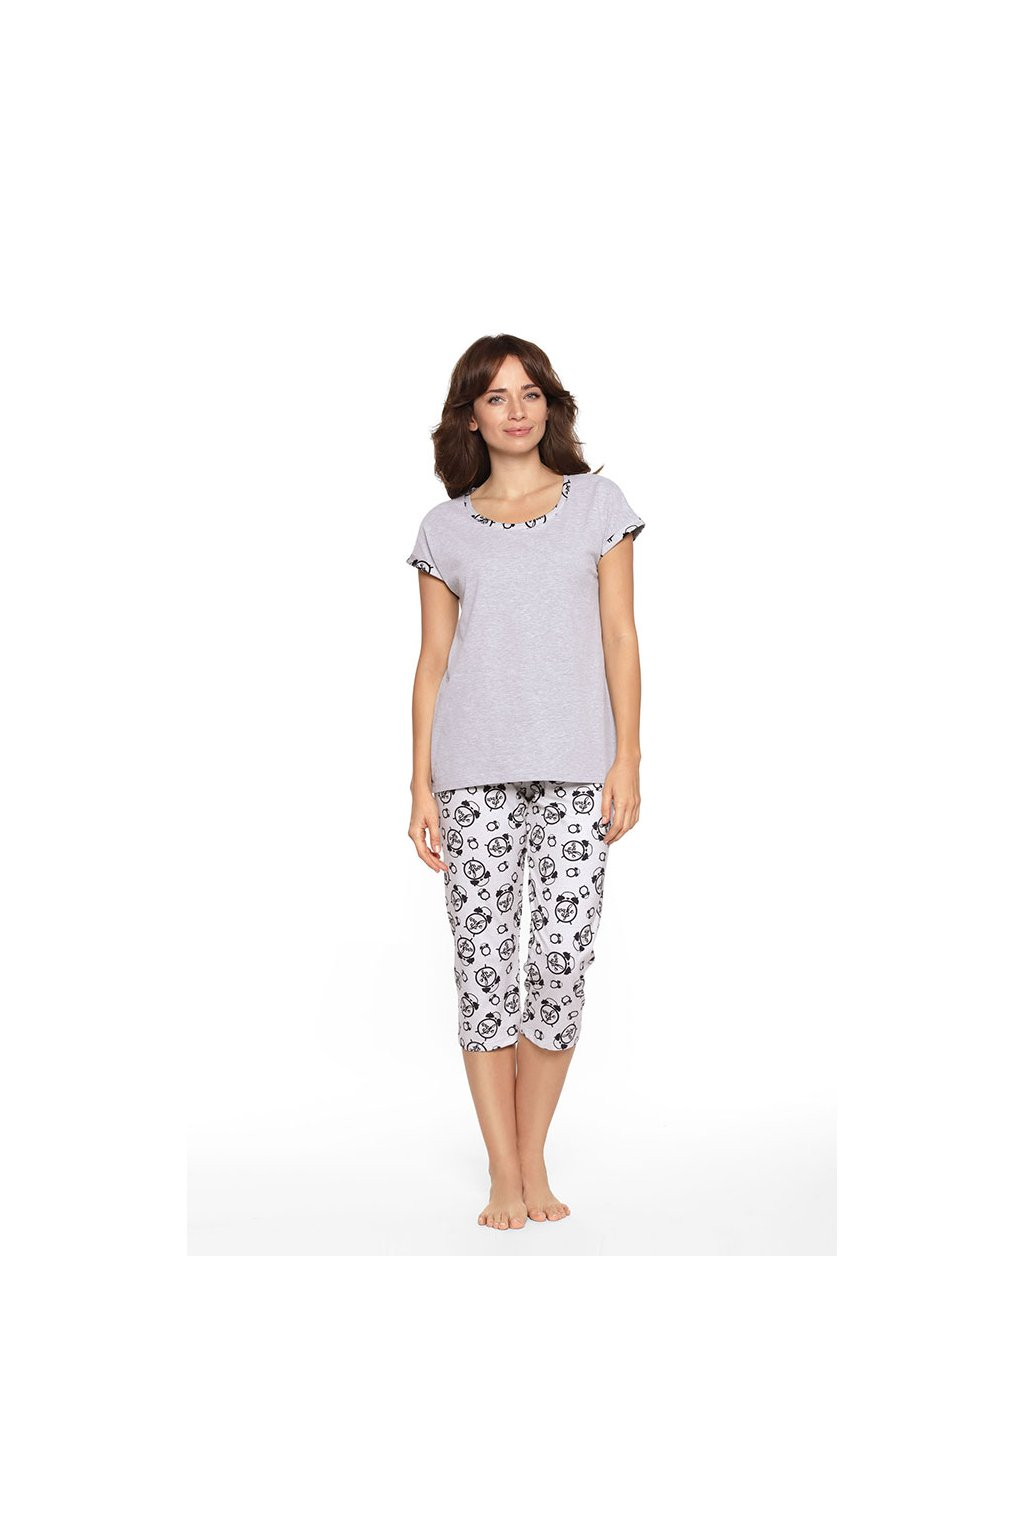 Dámské pyžamo s krátkým rukávem a 3/4 nohavicemi, 104369 30, šedá